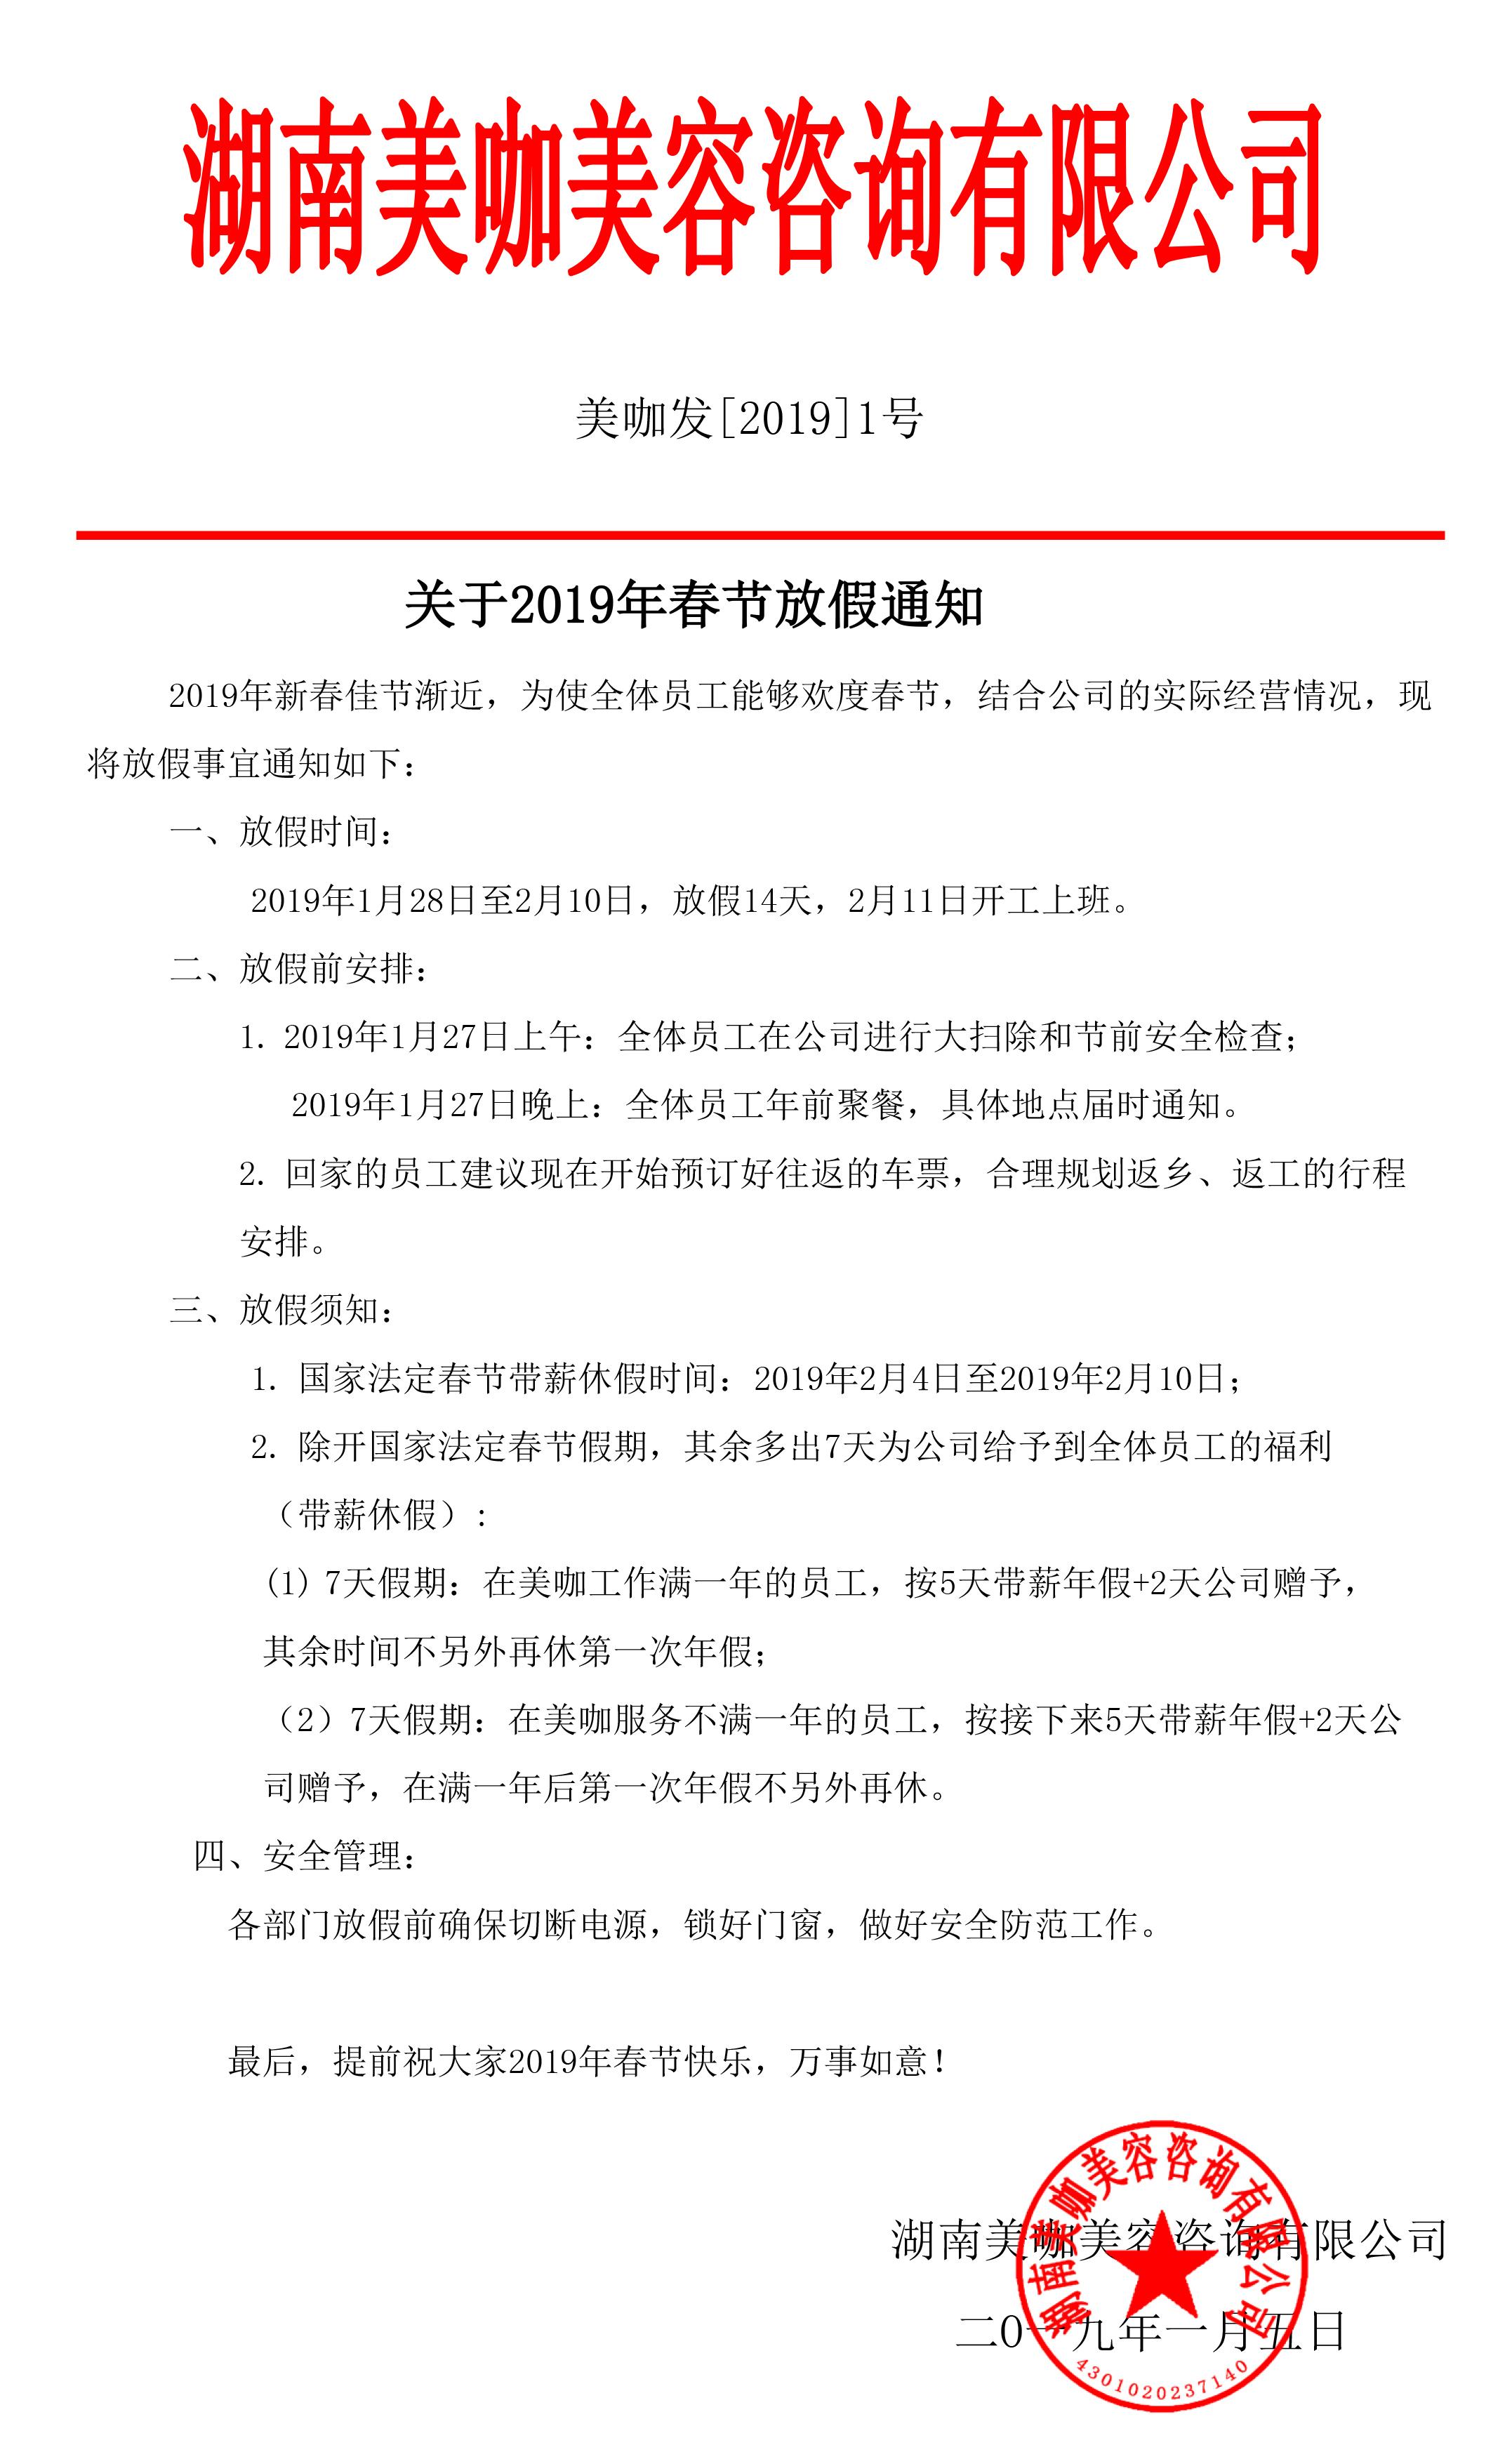 关于2019年春节放假通知